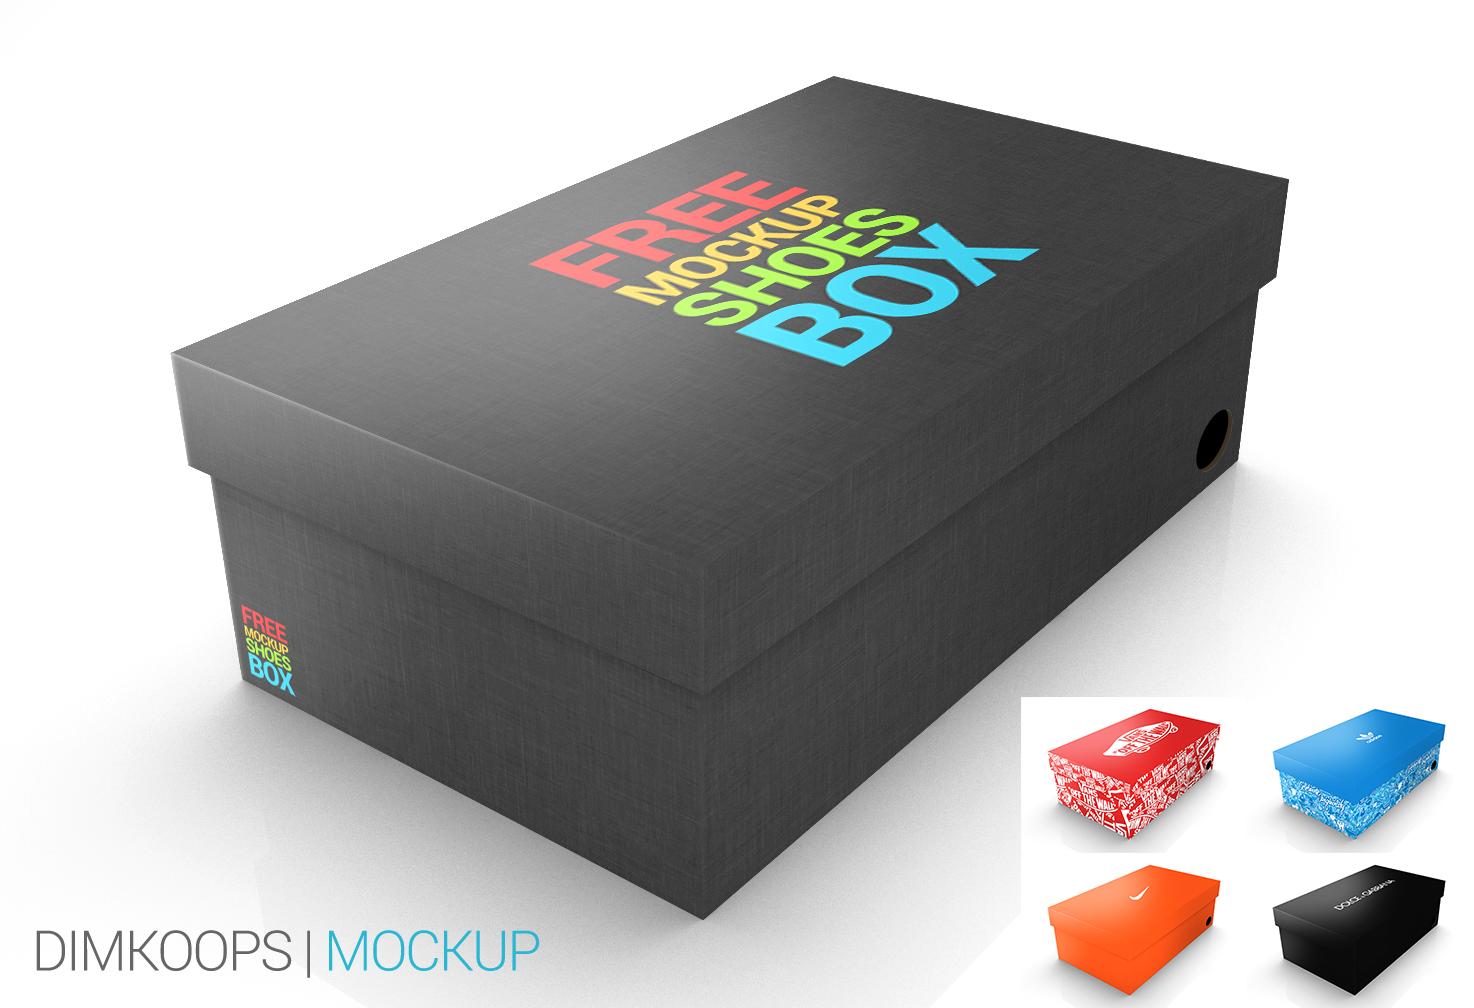 Download Mockup Shoes Box Box Mockup Box Design Templates Packaging Mockup